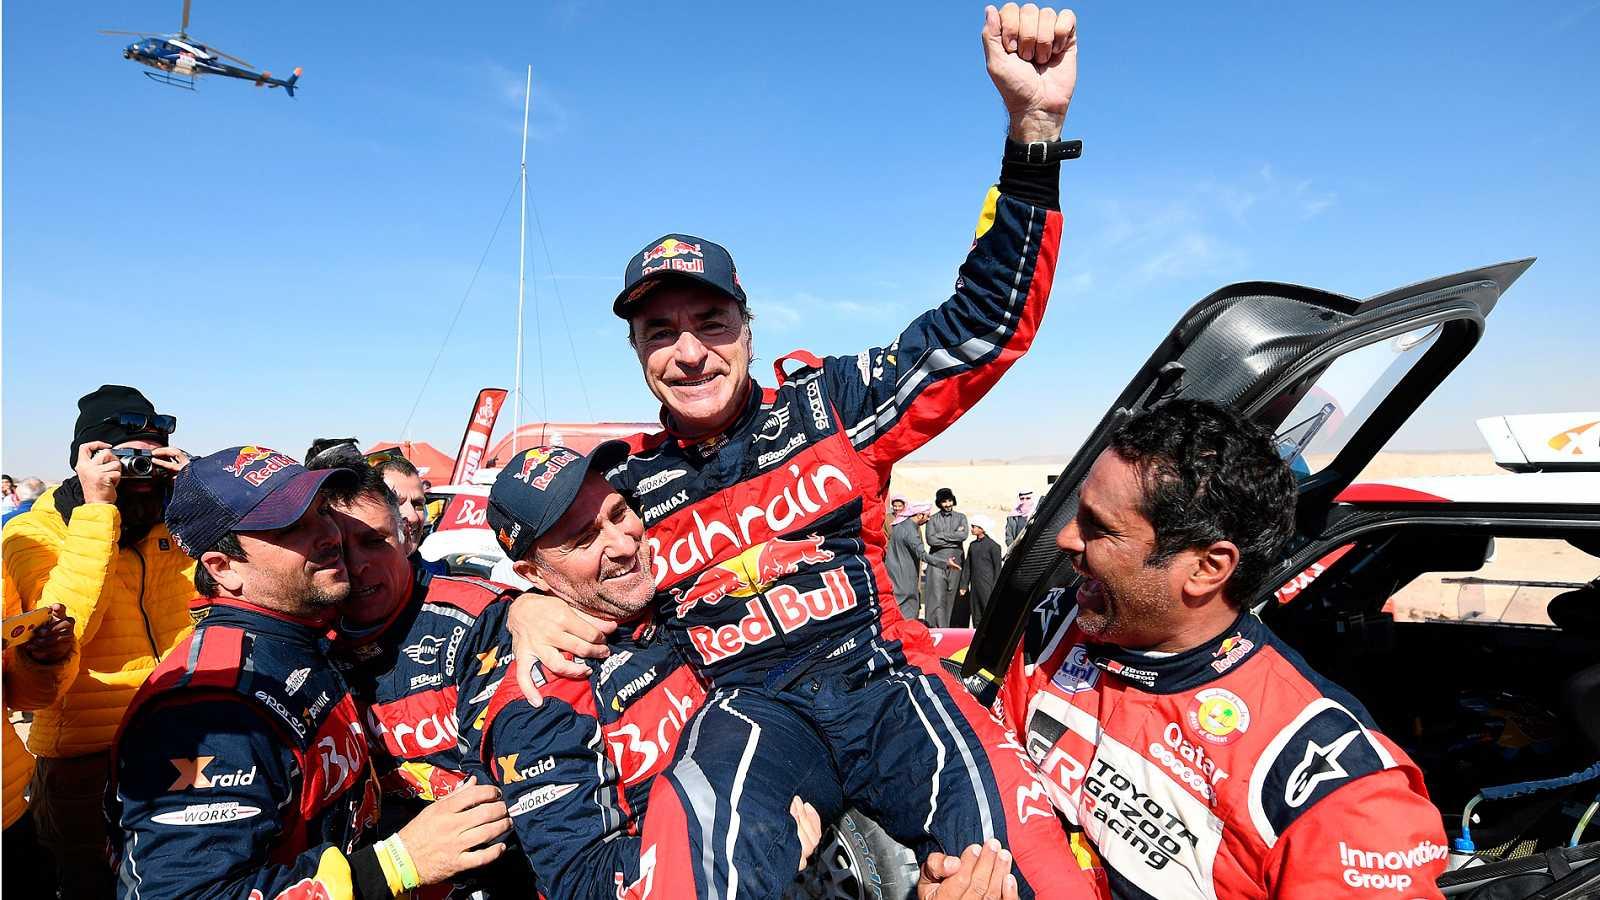 Carlos Sainz ha ganado su tercer rally Dakar en Arabia Saudí, por delante de Peterhansel y Al Attiyah. Fernando Alonso, finalmente, ha acabado decimotercero.